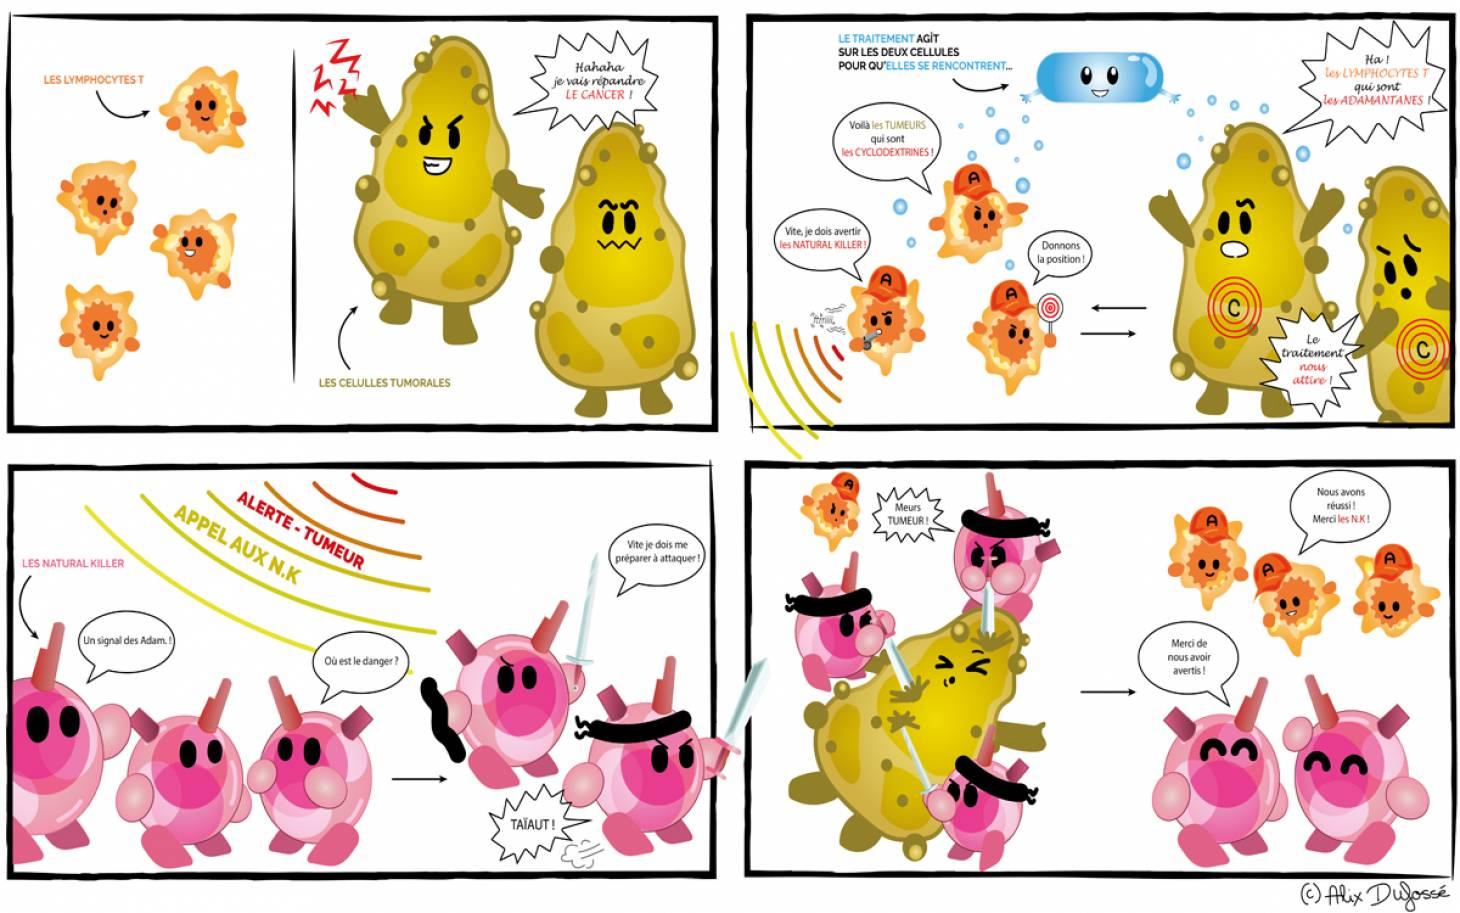 Cancers – Des chercheurs poitevins programment des cellules immunitaires pour s'attaquer aux tumeurs